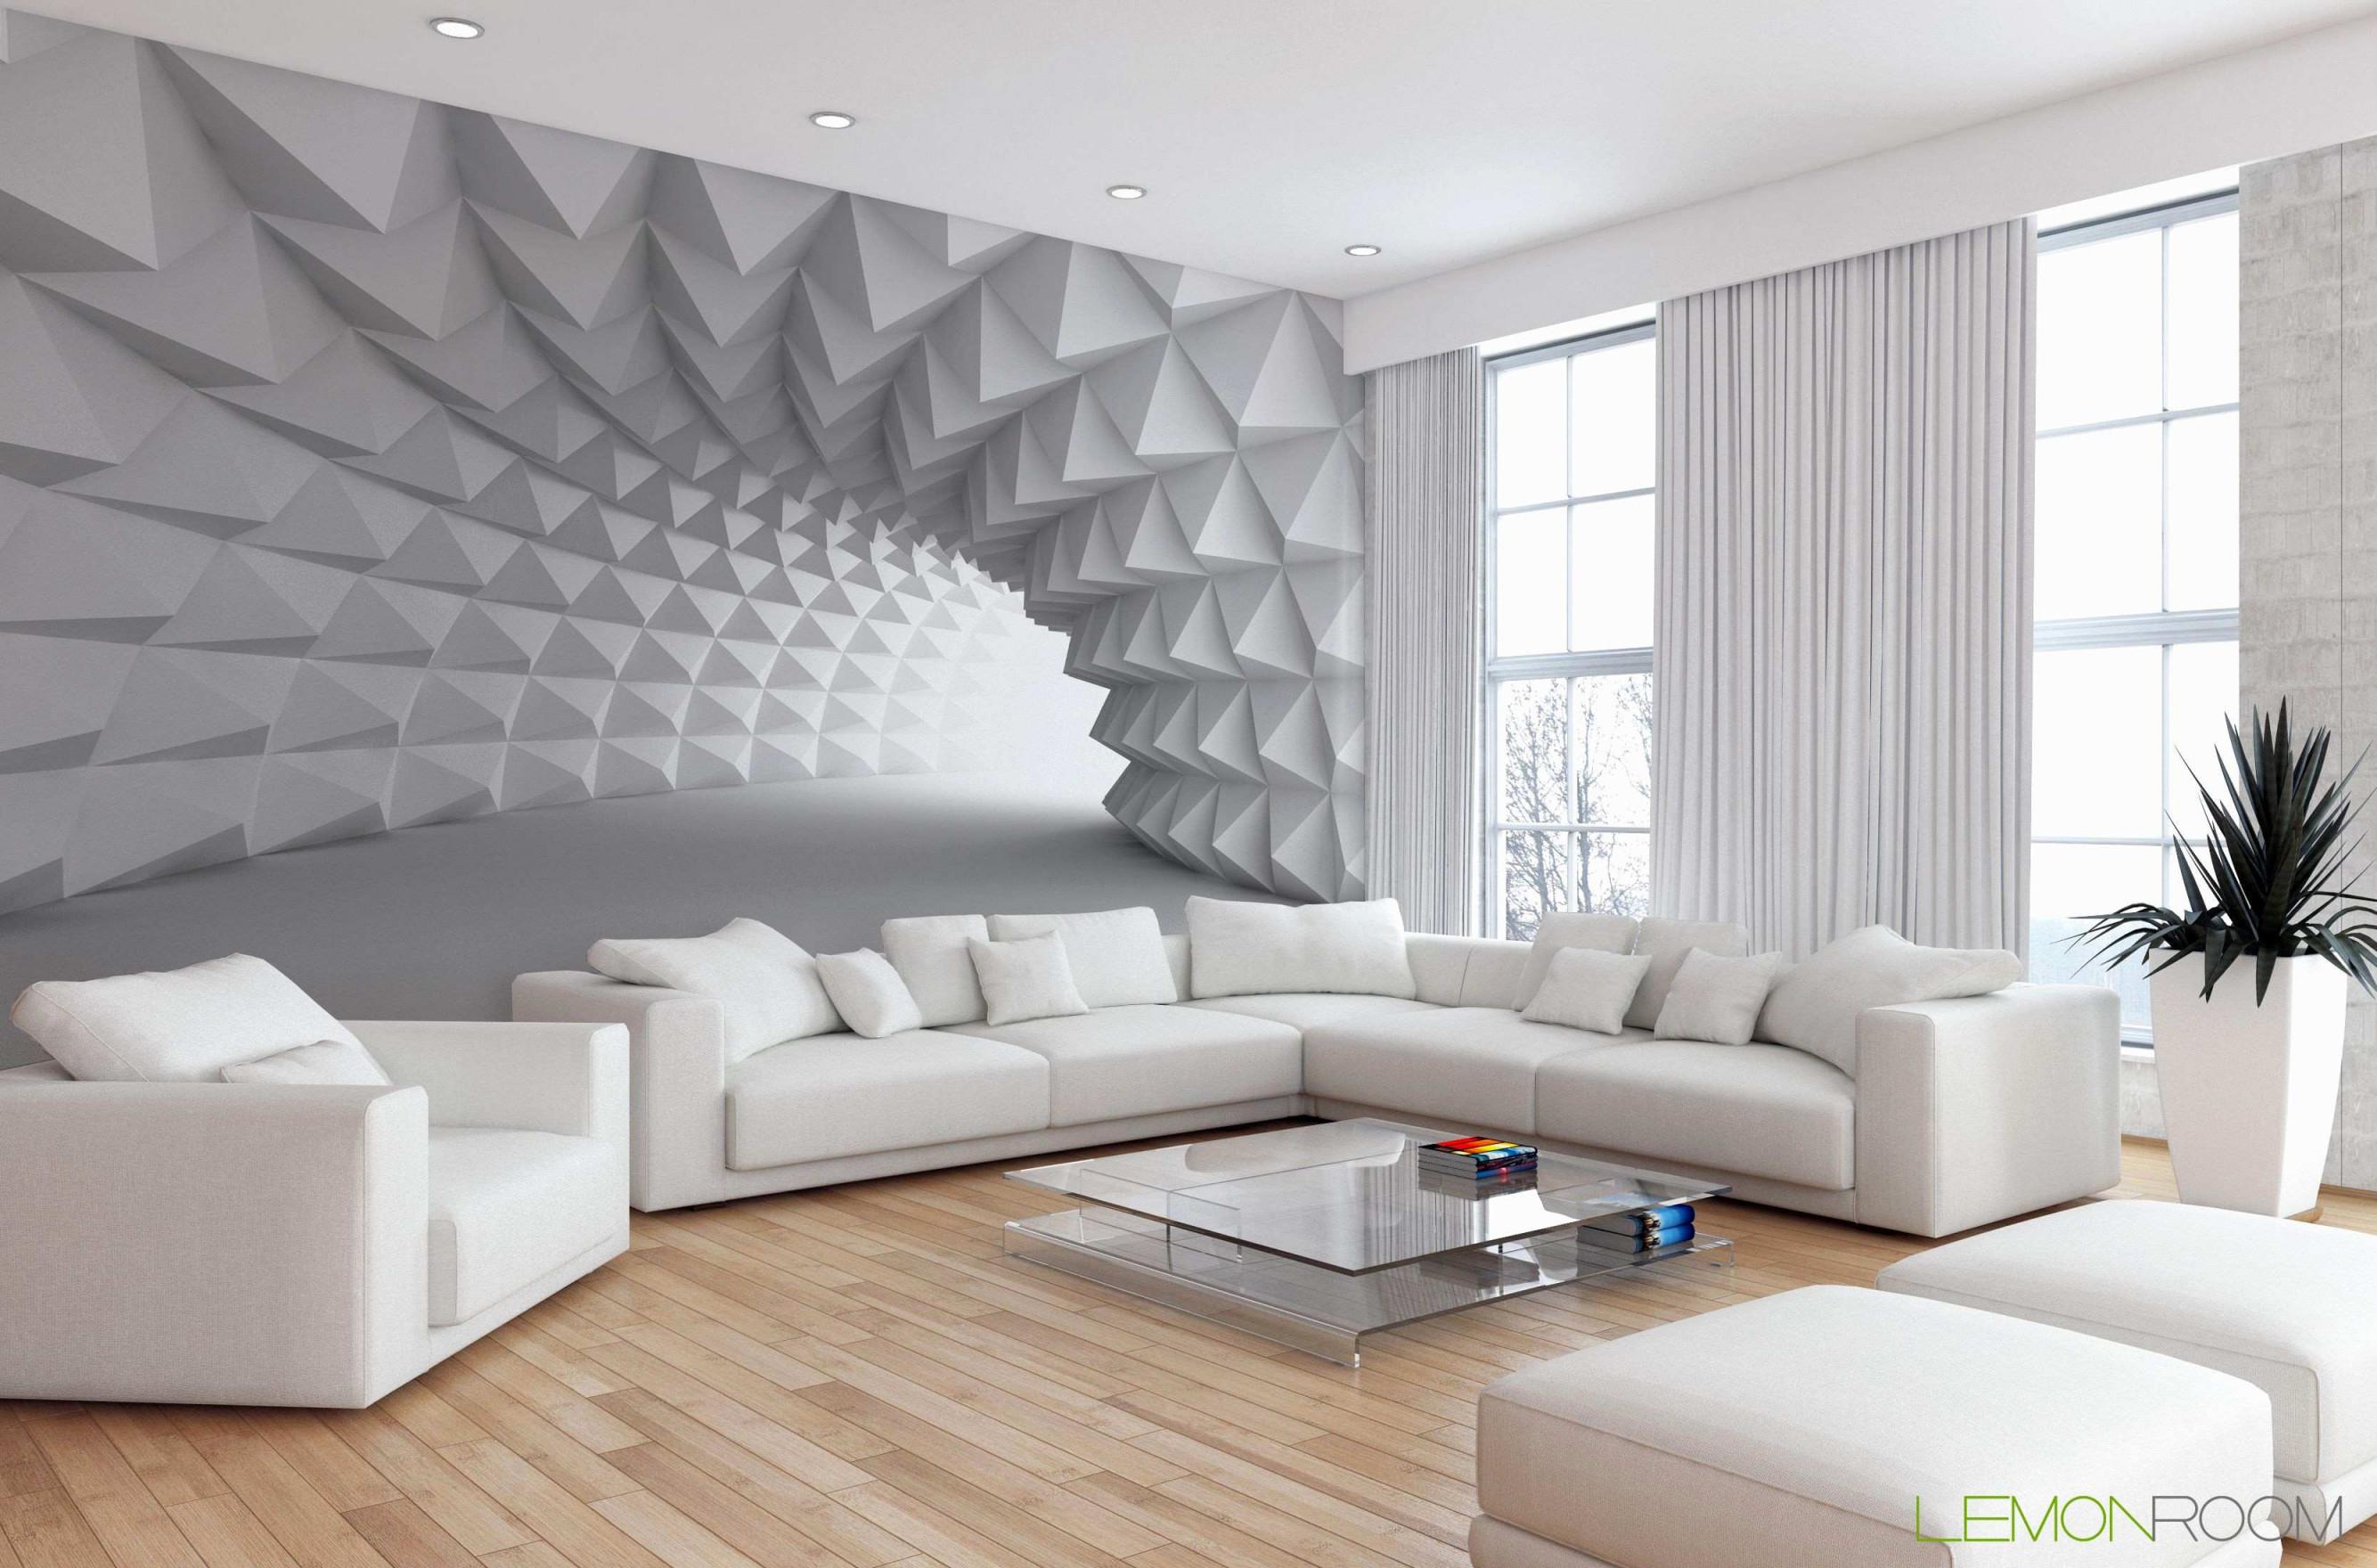 Moderne Wandgestaltung Wohnzimmer Genial 31 Inspirierend von Moderne Wandgestaltung Wohnzimmer Photo